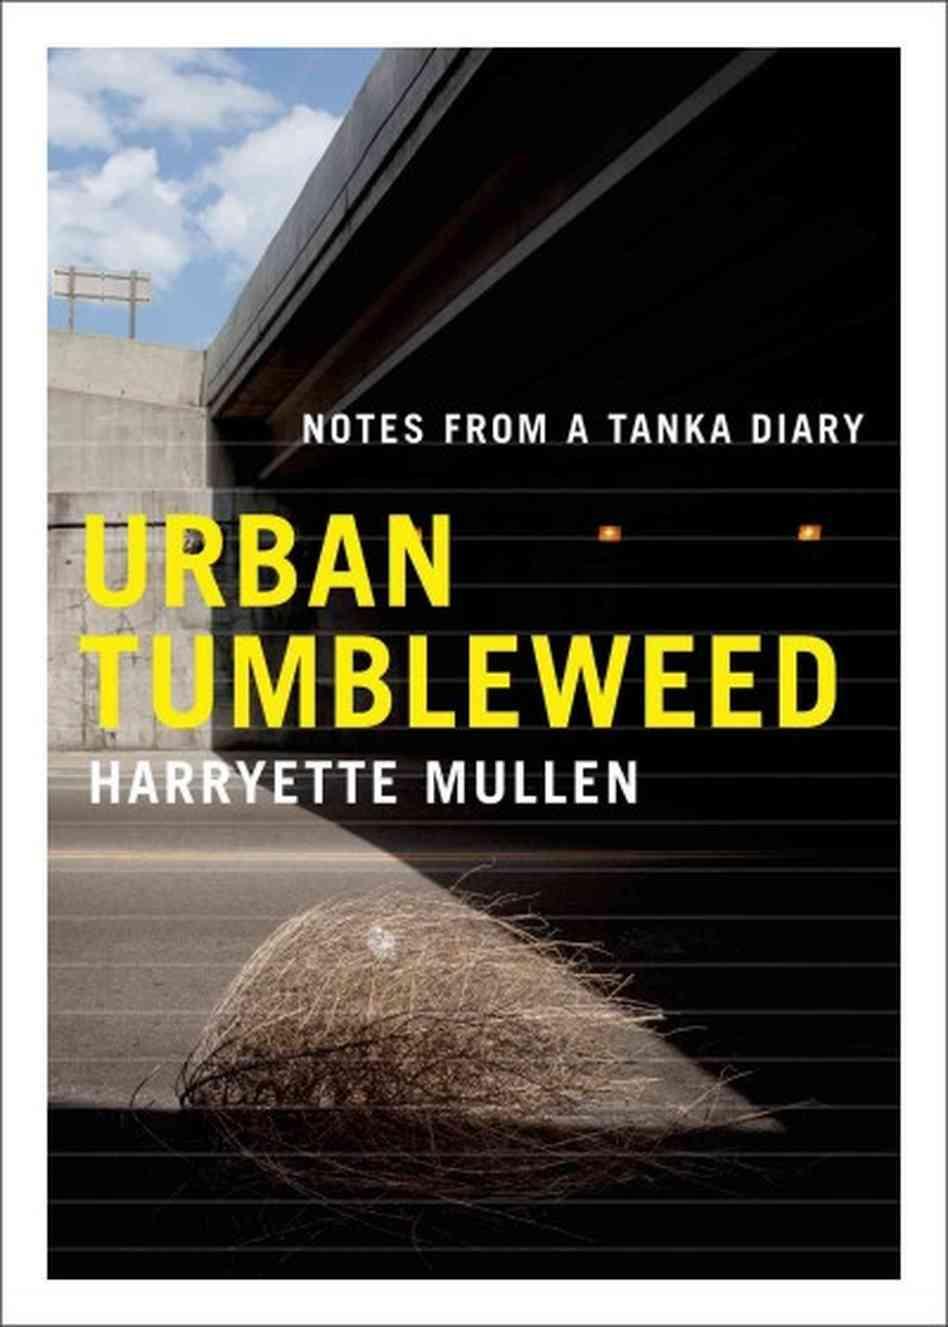 urbantumbleweed.jpg